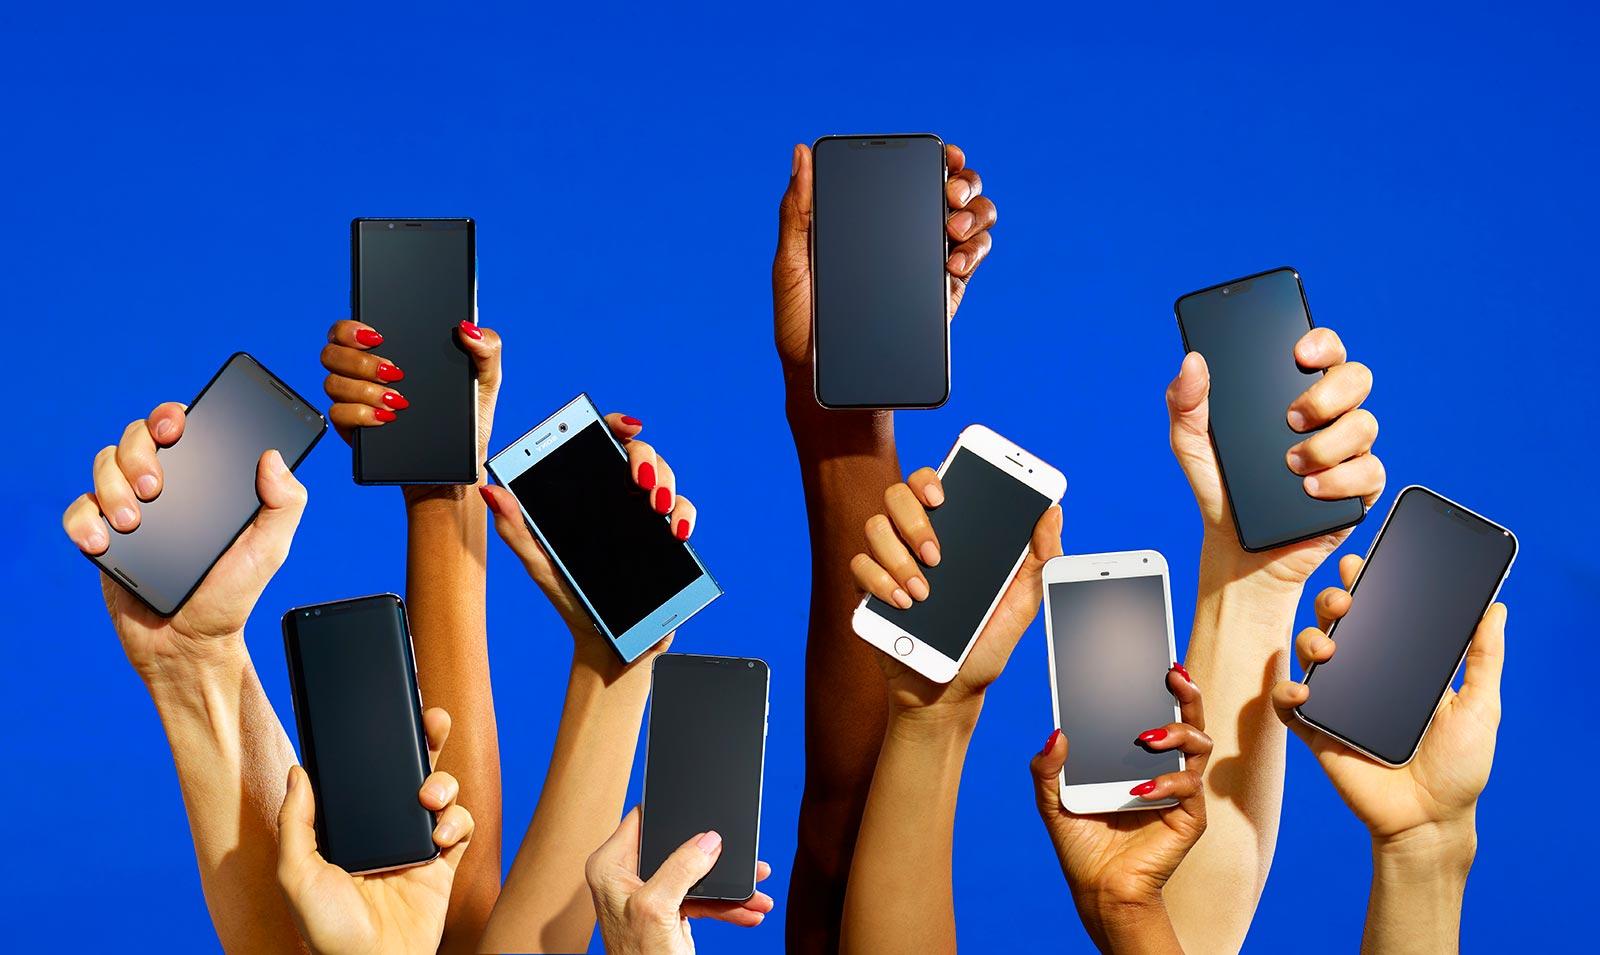 телефон на выбор с картинками многоточия, нужно